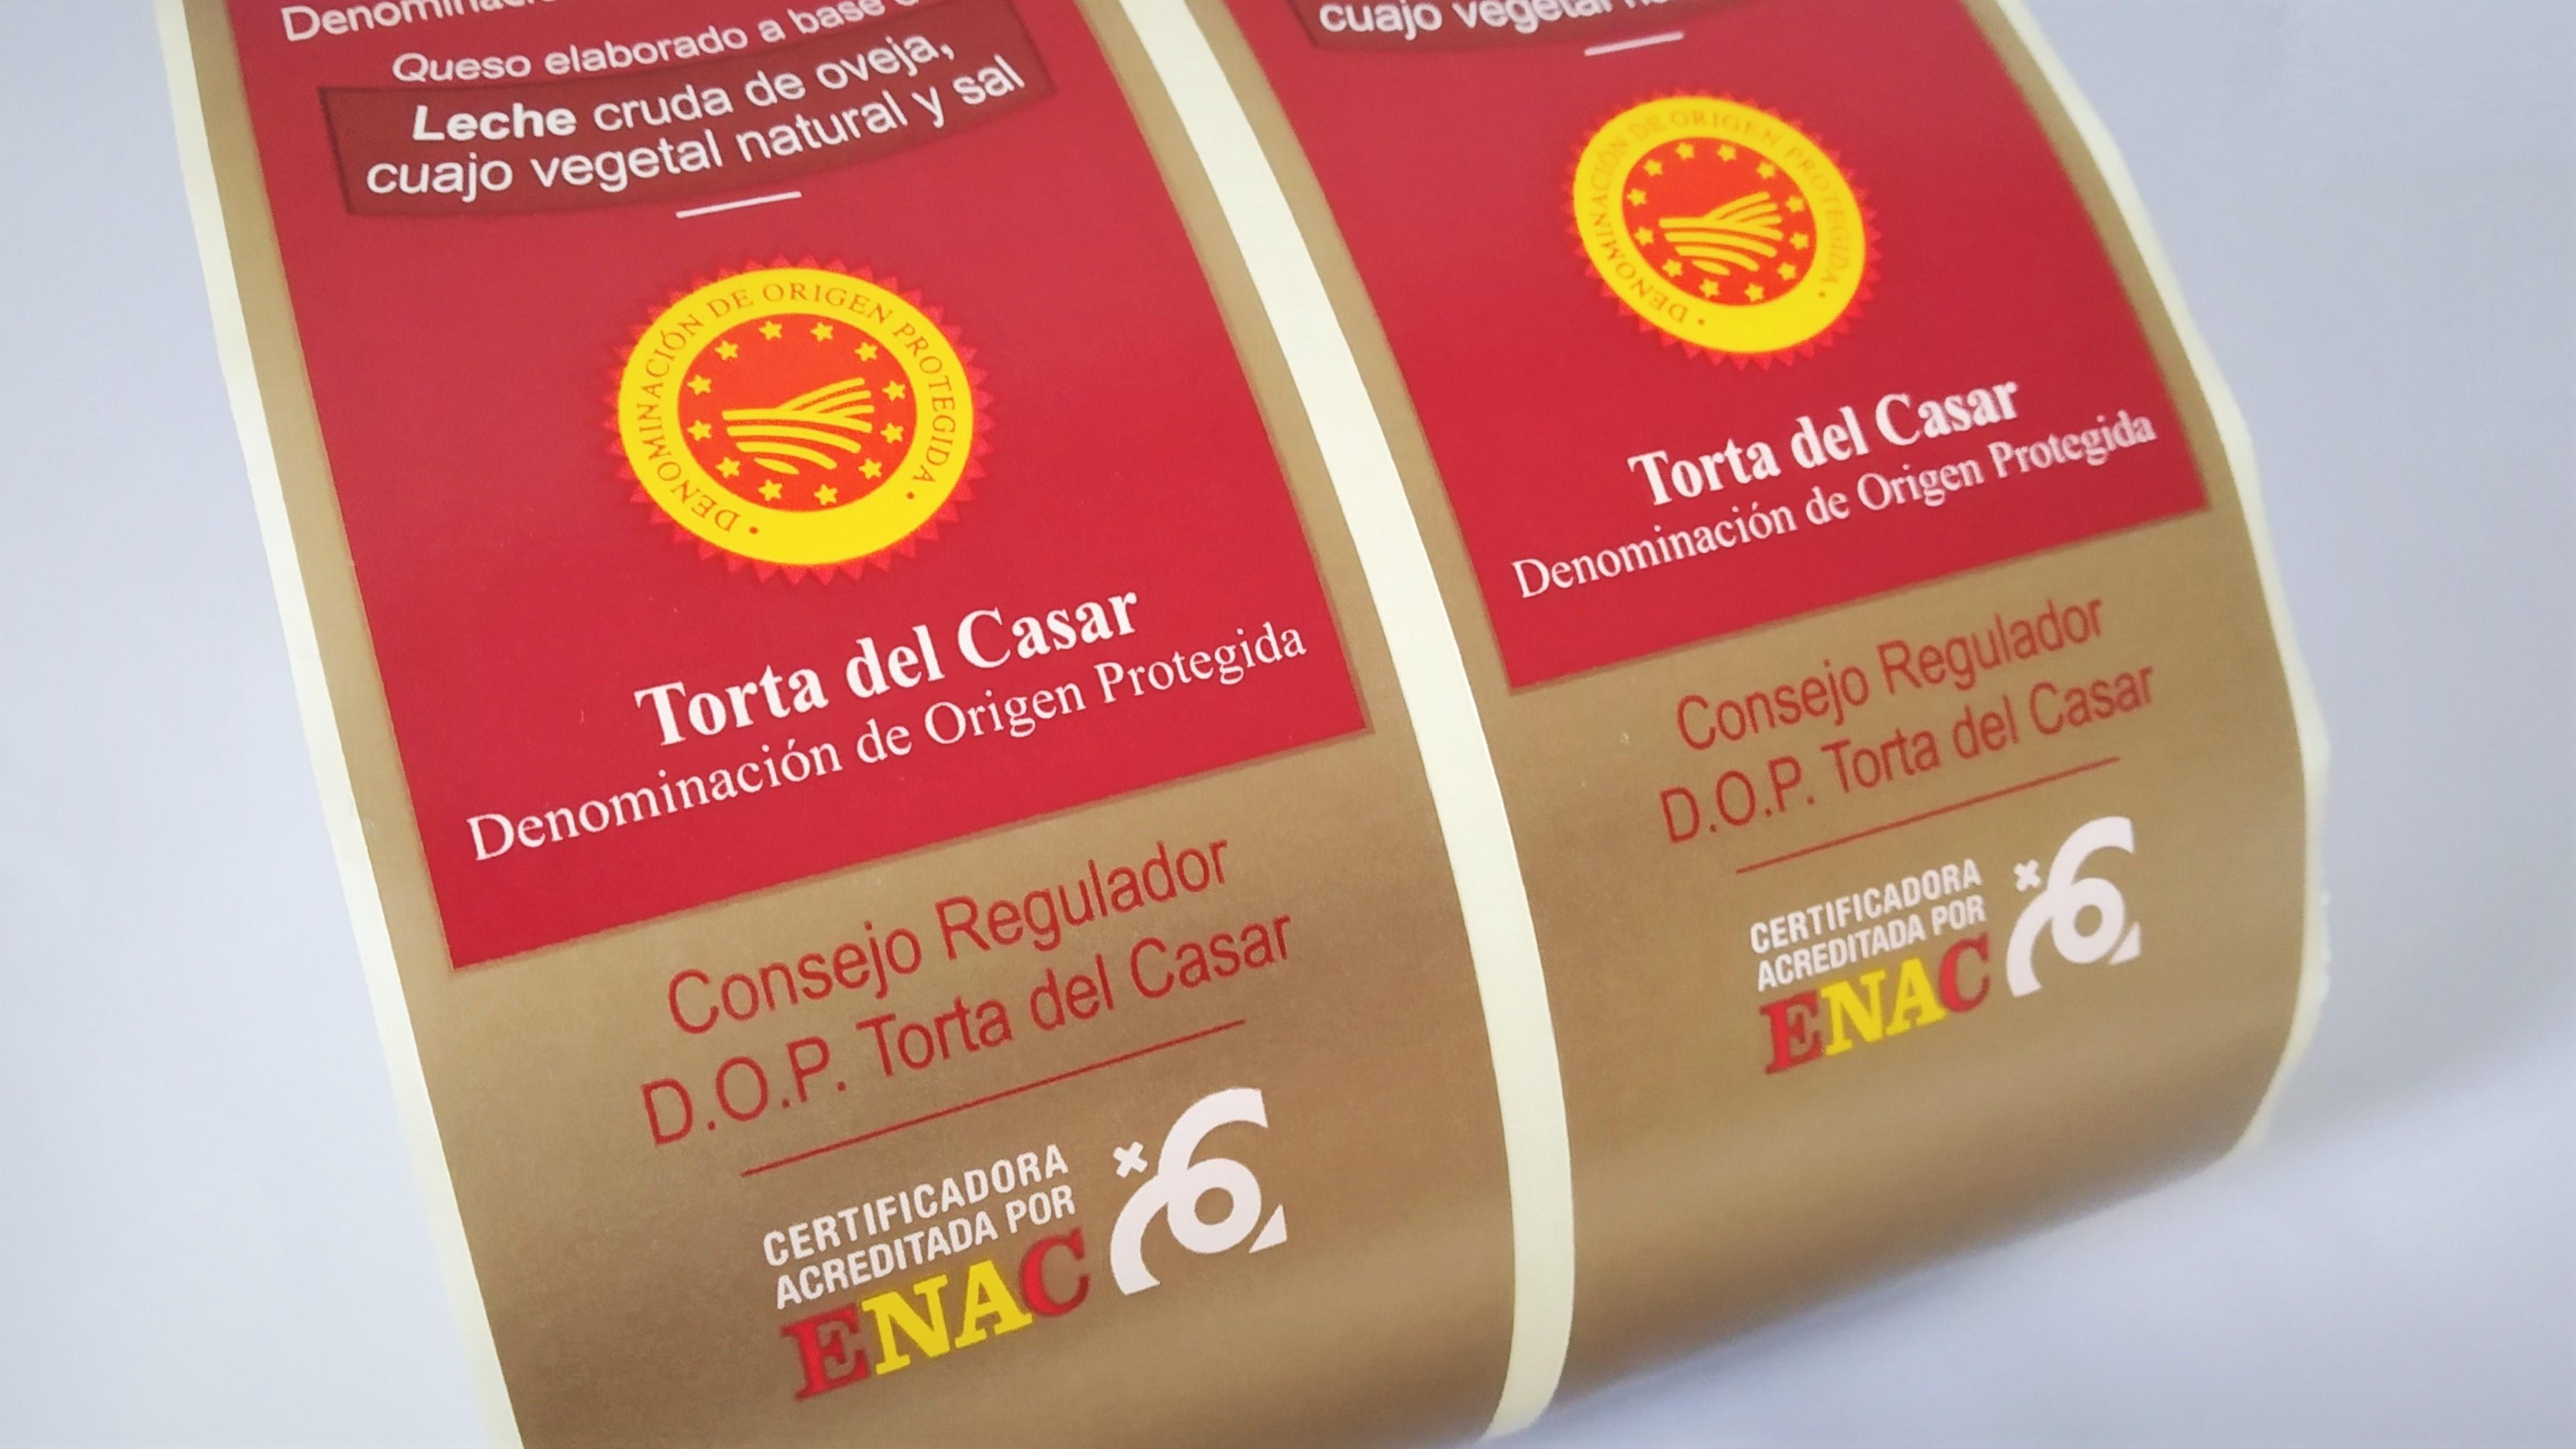 La D.O.P. Torta del Casar renueva su compromiso certificado de origen y calidad